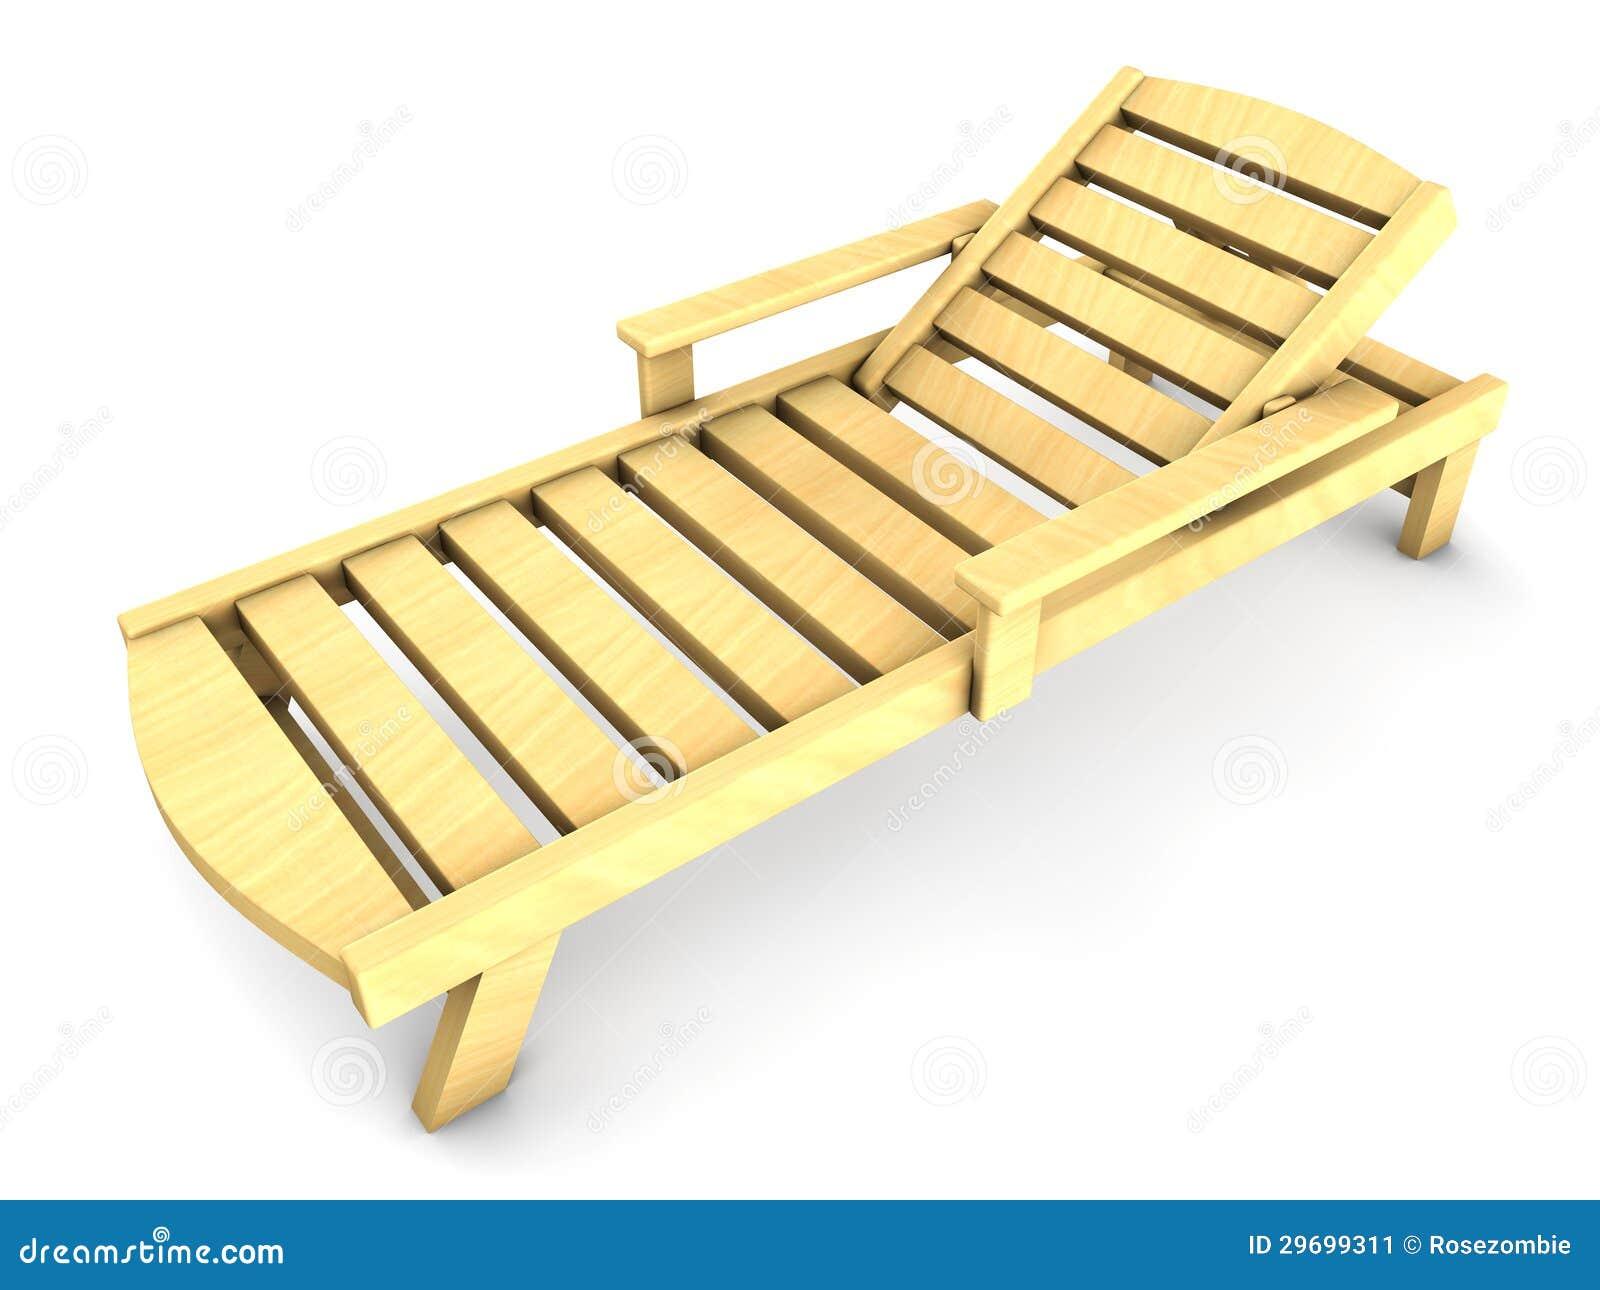 Cadeiras De Praia 3d De Madeira Imagem de Stock Imagem: 29699311 #BF980C 1300x1065